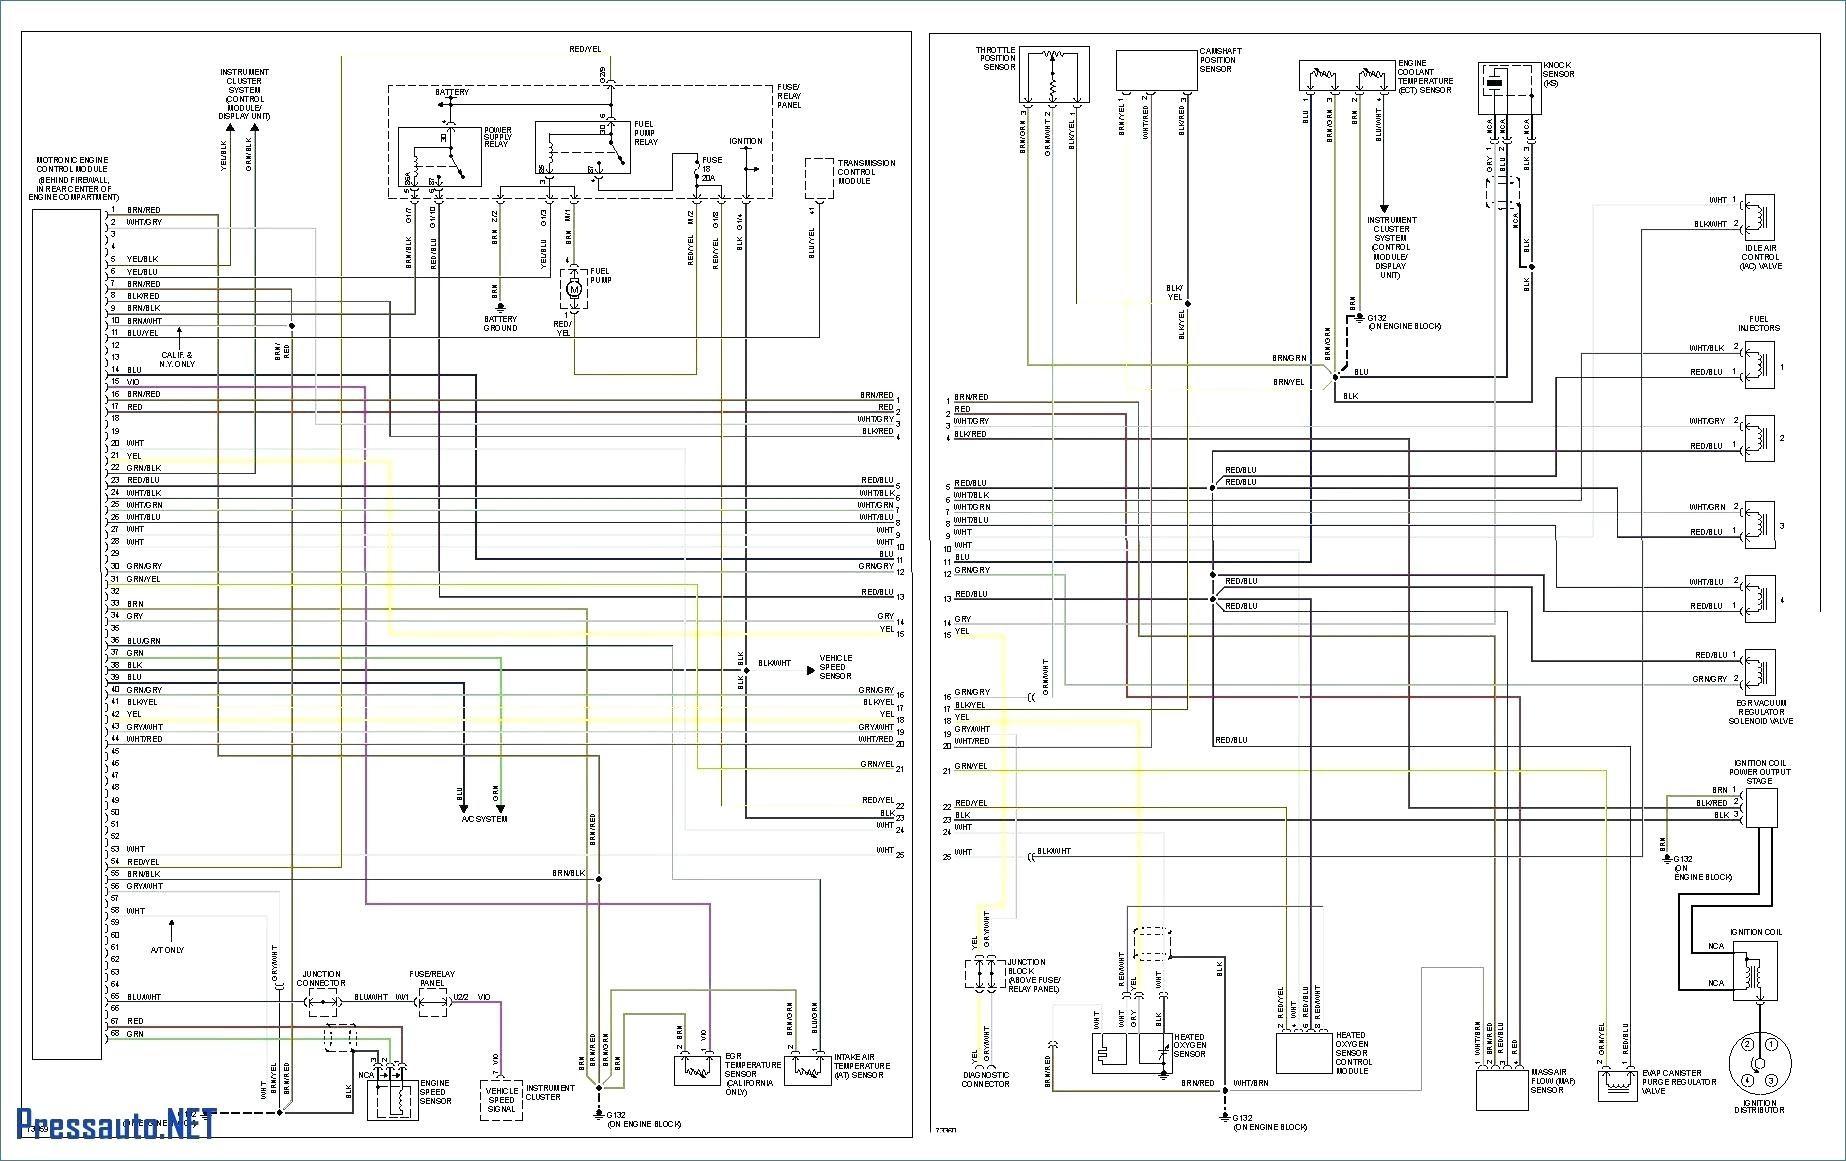 99 Volkswagen Cabrio Fuse Box - Wiring Diagram Networks